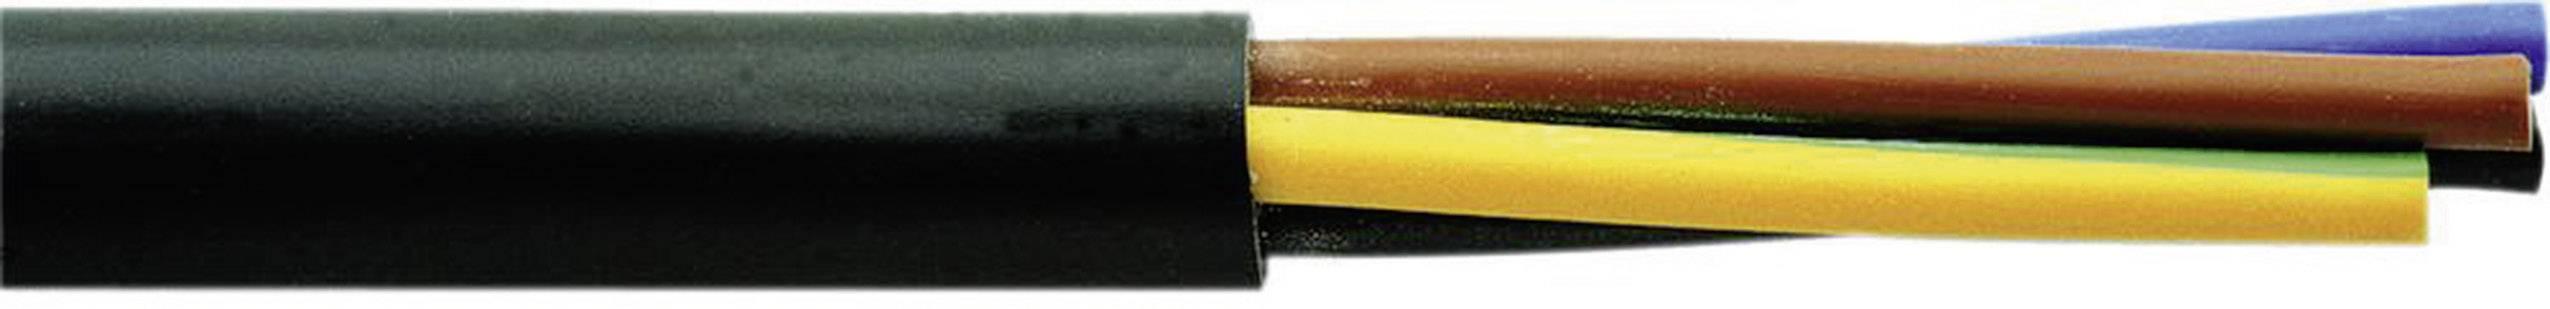 Vícežílový kabel Faber Kabel H05RR-F, 050024, 3 G 1 mm², černá, metrové zboží